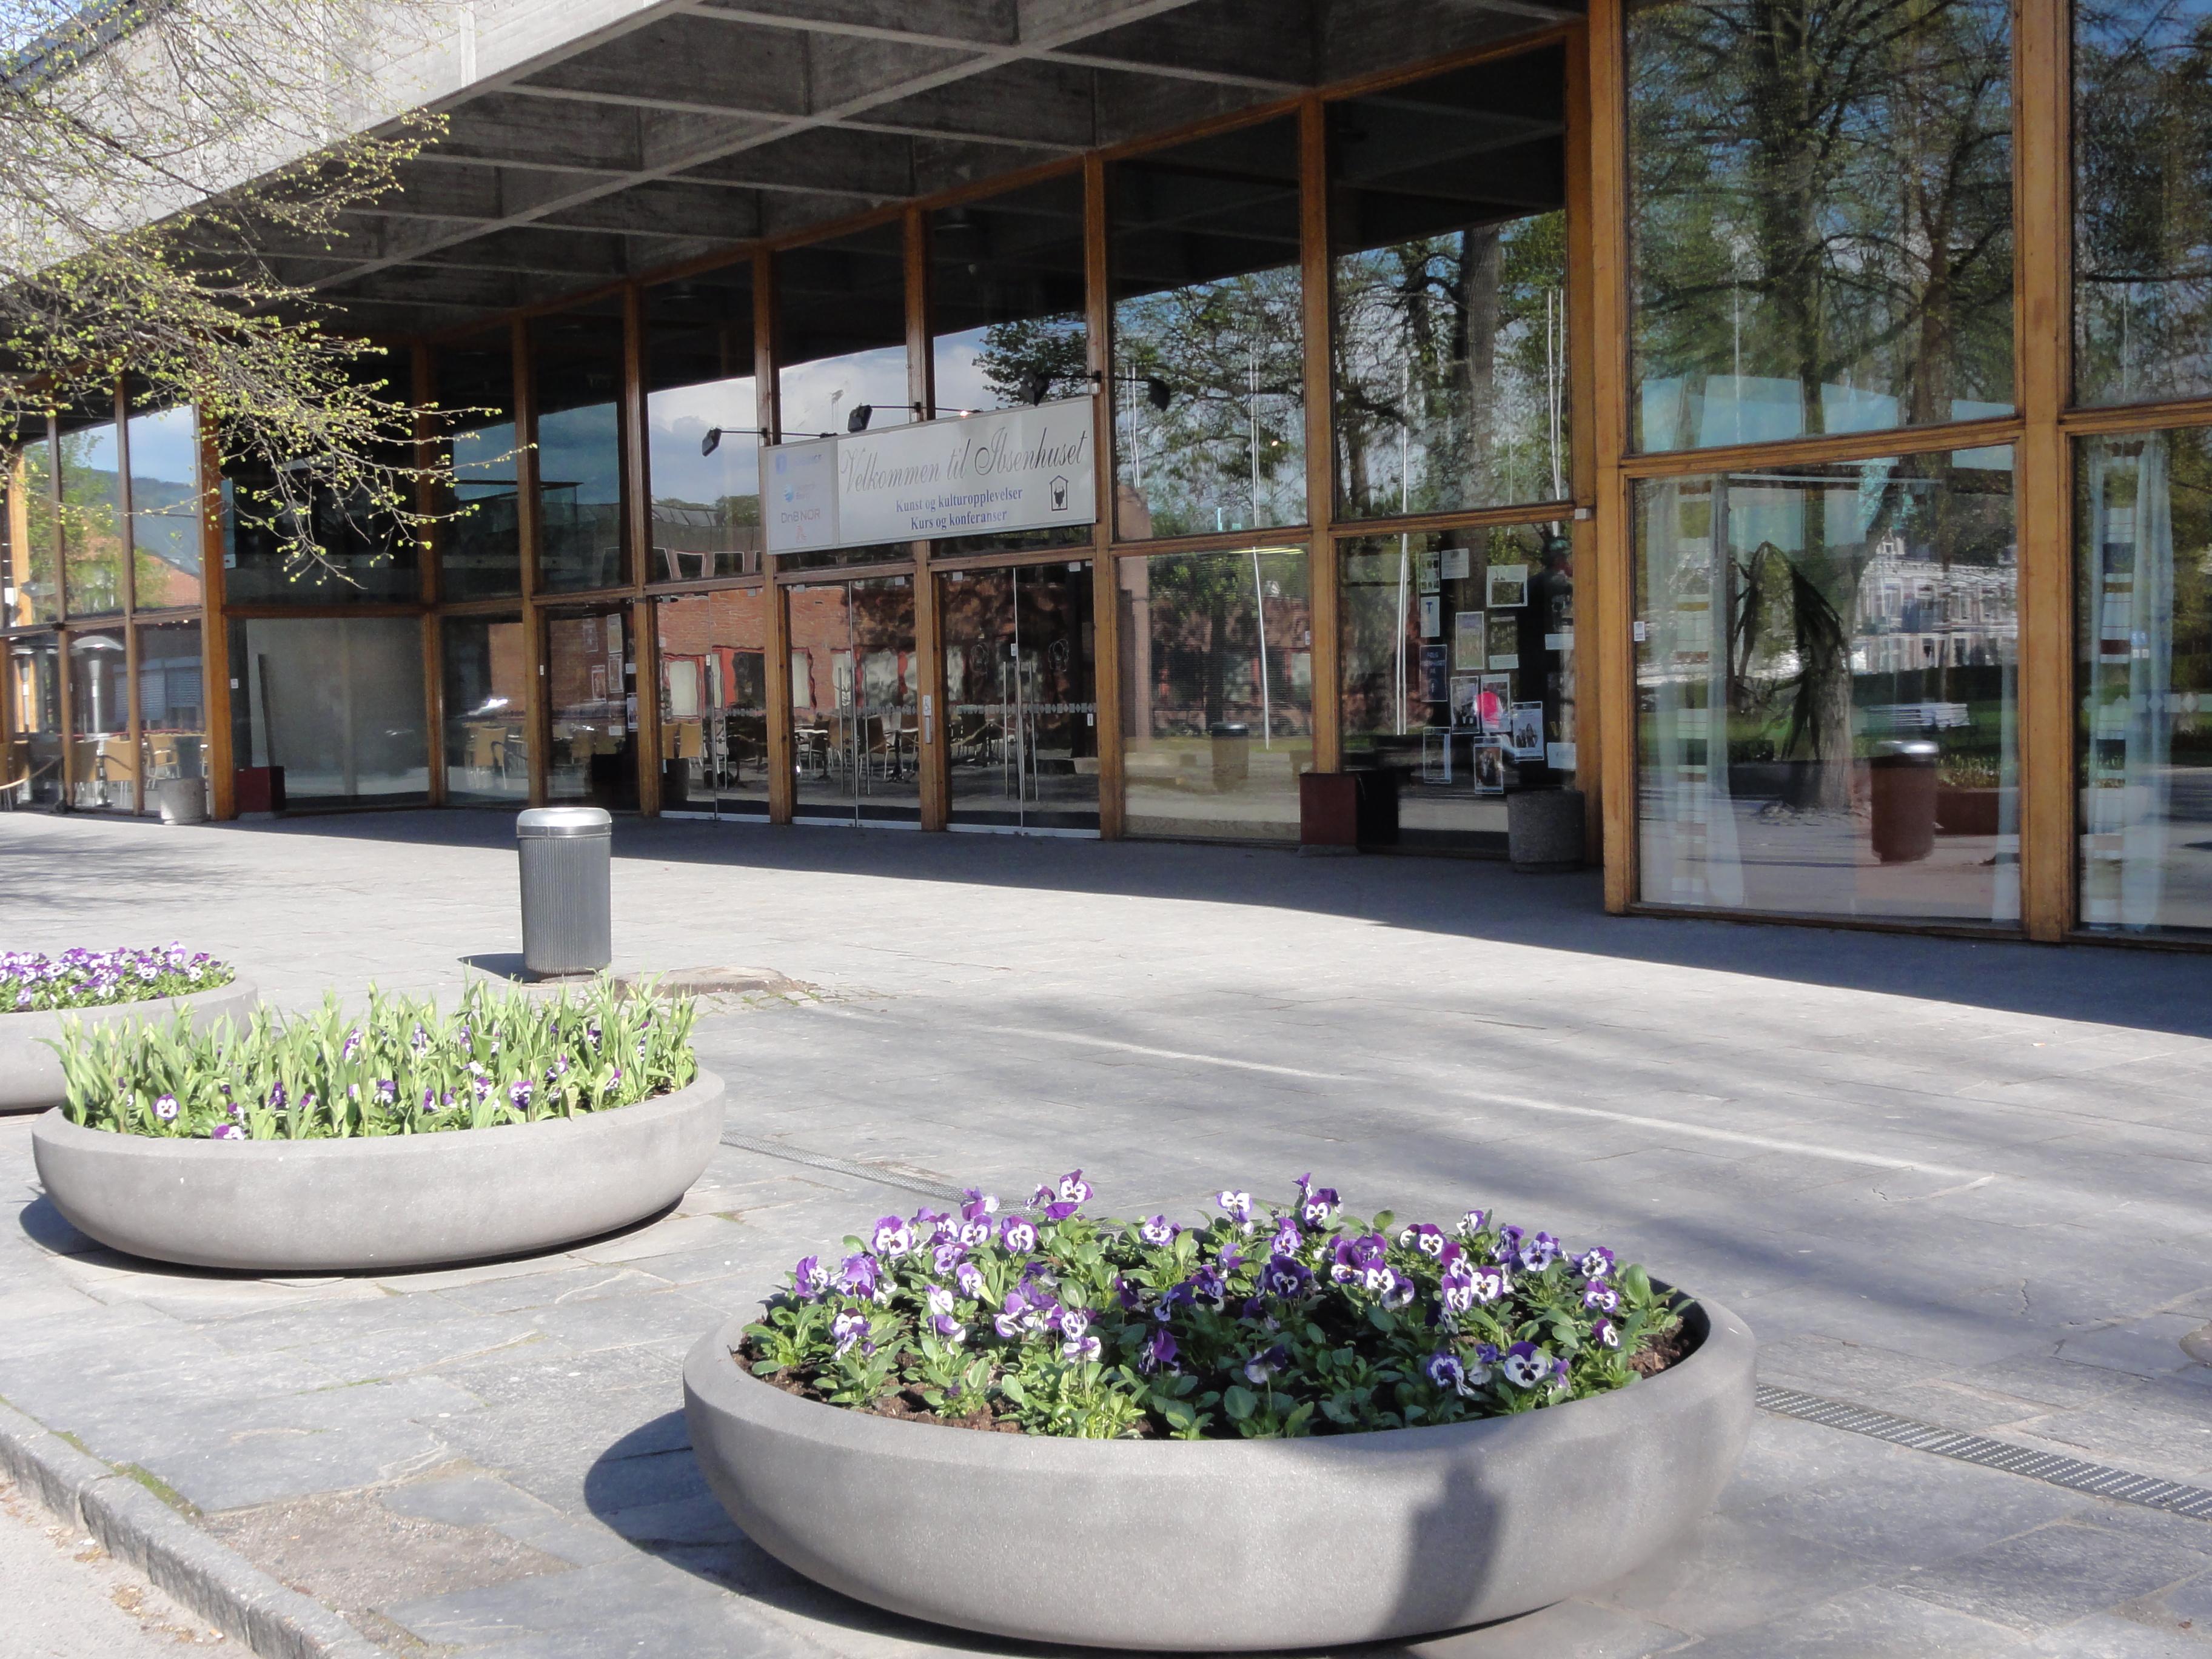 Blomster og glassfasade, © Christer L. Sørensen